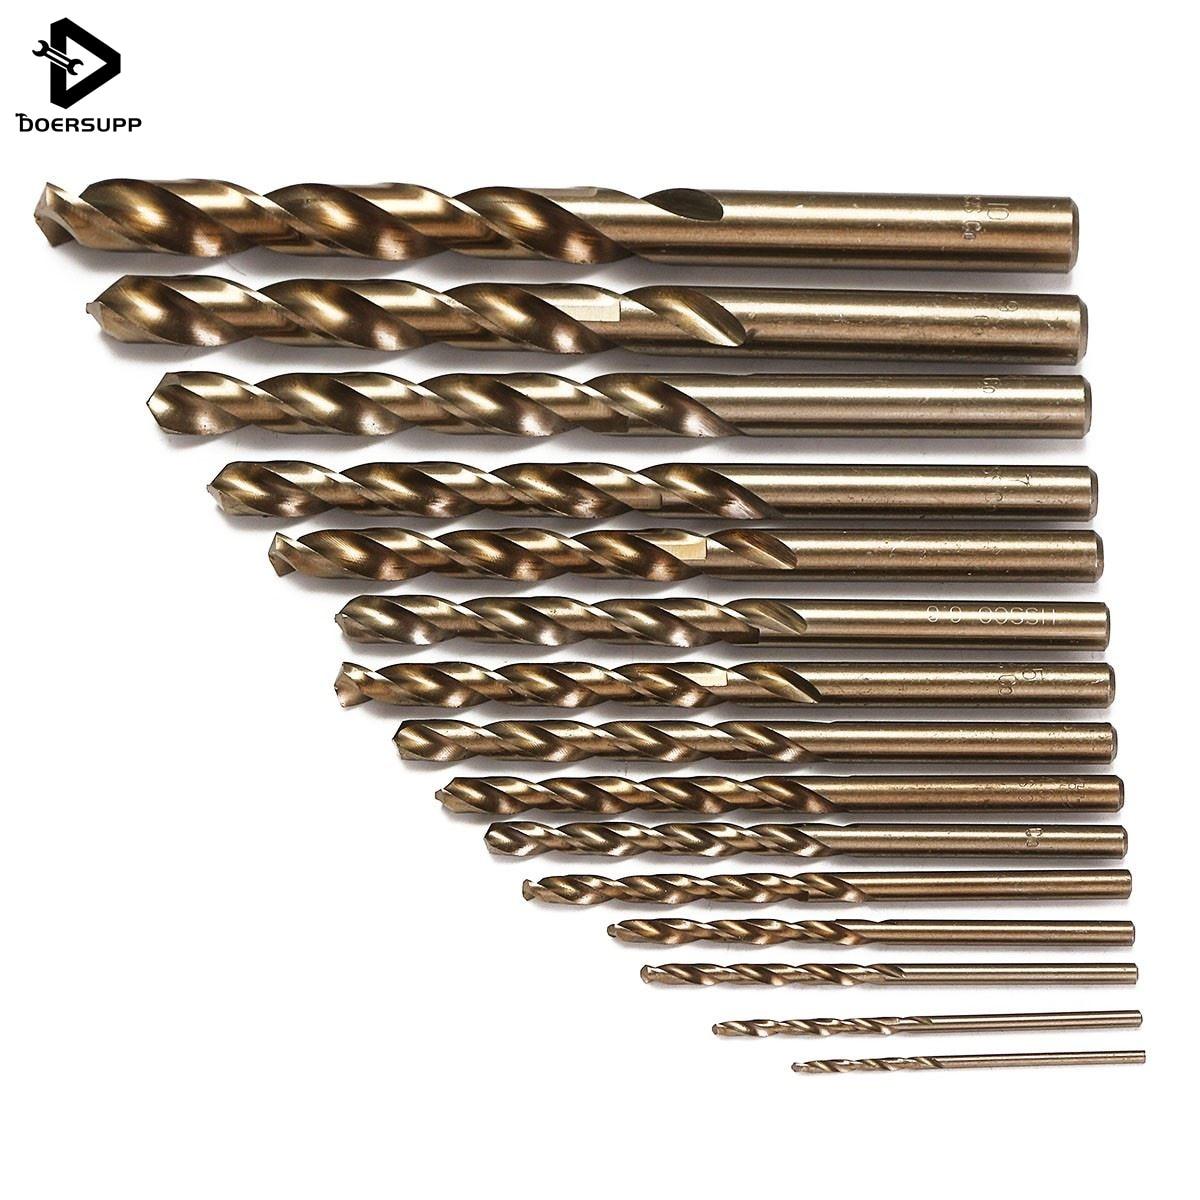 Doersupp 15 unids/set HSS-CO 1,5-10mm de acero de alta velocidad M35 cobalto Broca helicoidal 40-133mm Longitud de madera de perforación de Metal de calidad superior